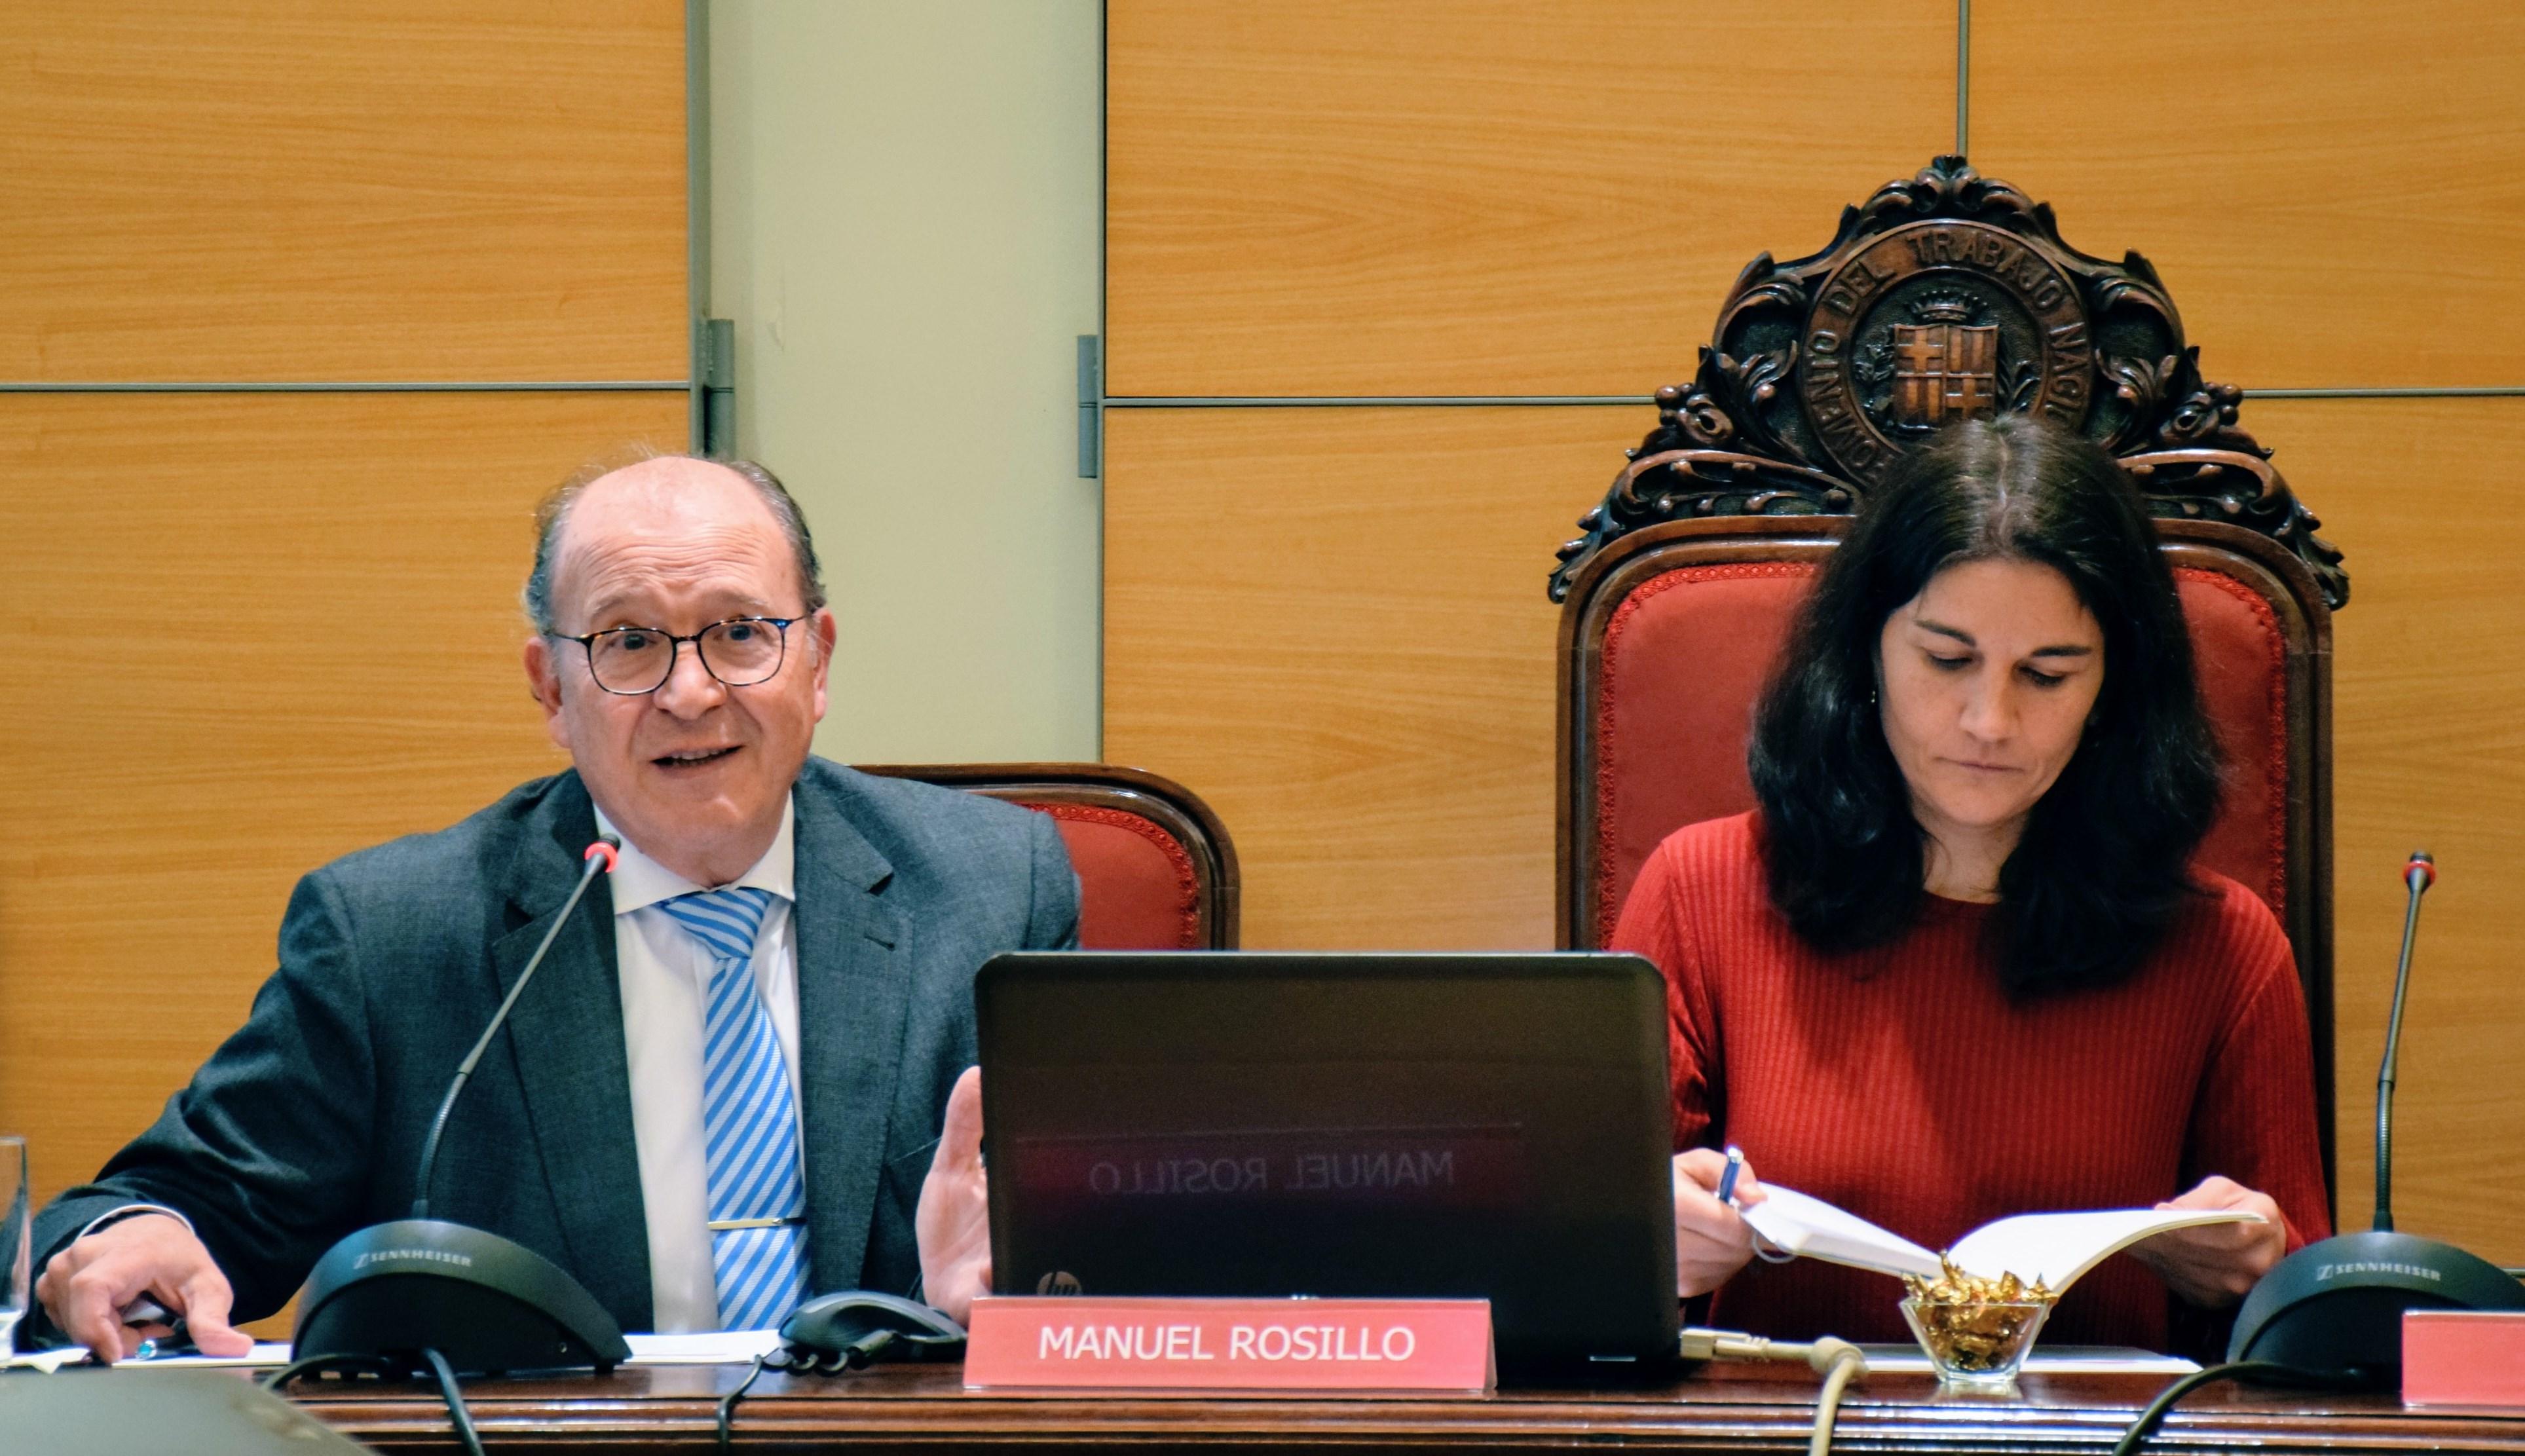 La Comissió de Formació del Foment estableix l'impuls de la percepció positiva del Sistema de FP i de la FP Dual com una de les principals prioritats